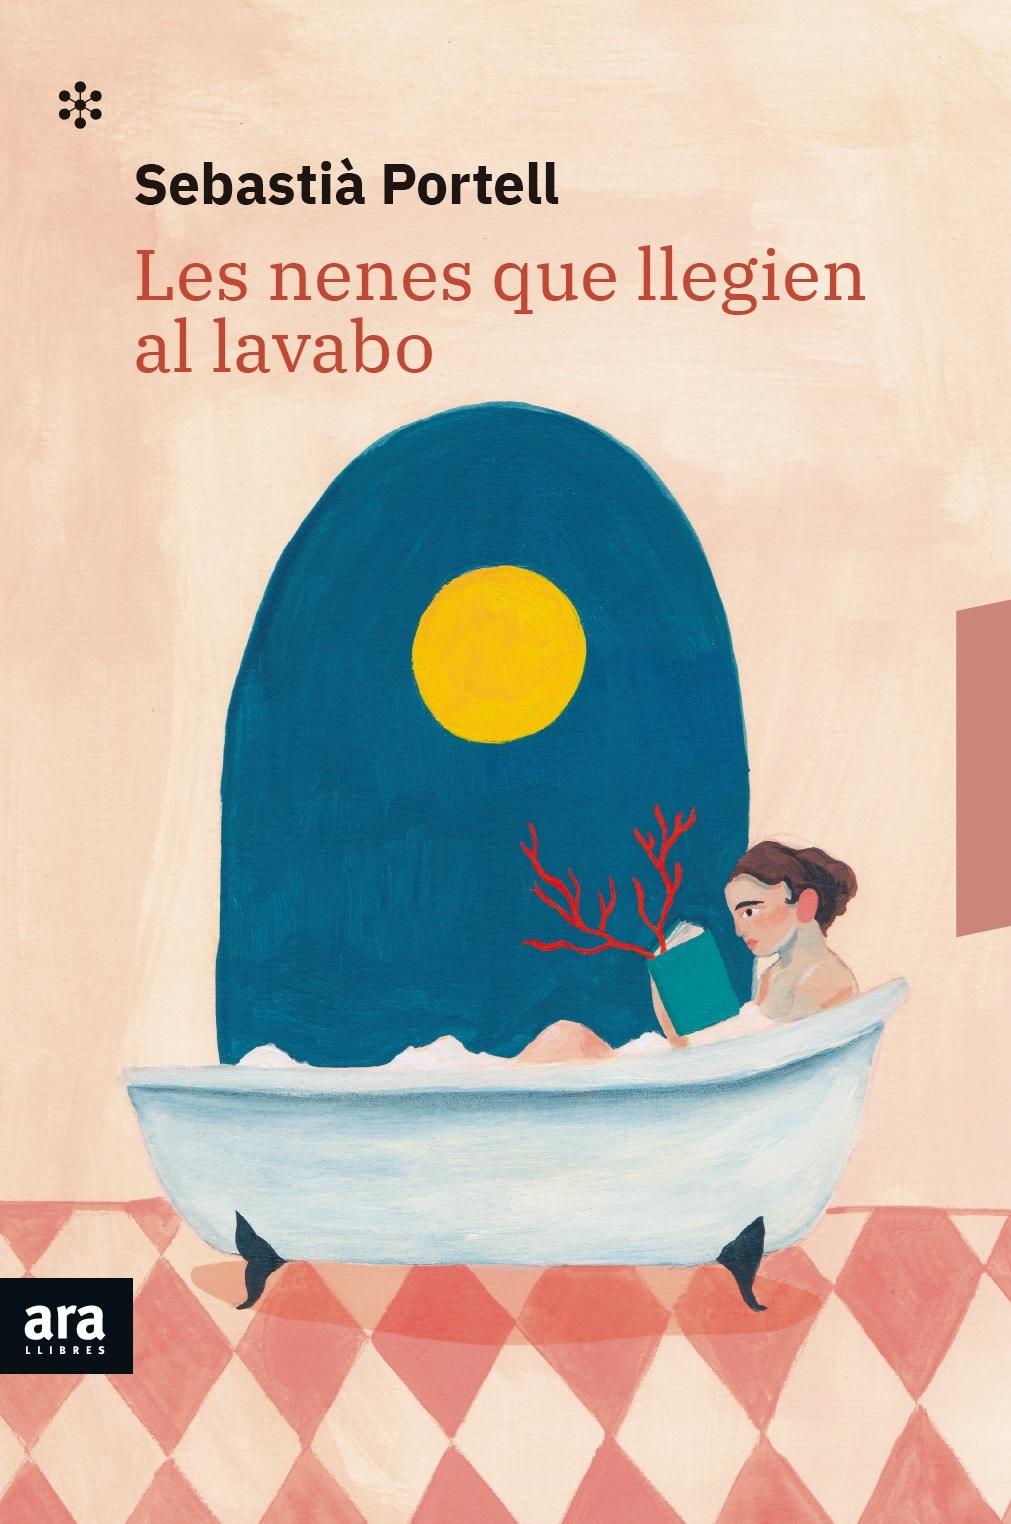 Imatge de la portada del llibre Les nenes que llegien al lavabo